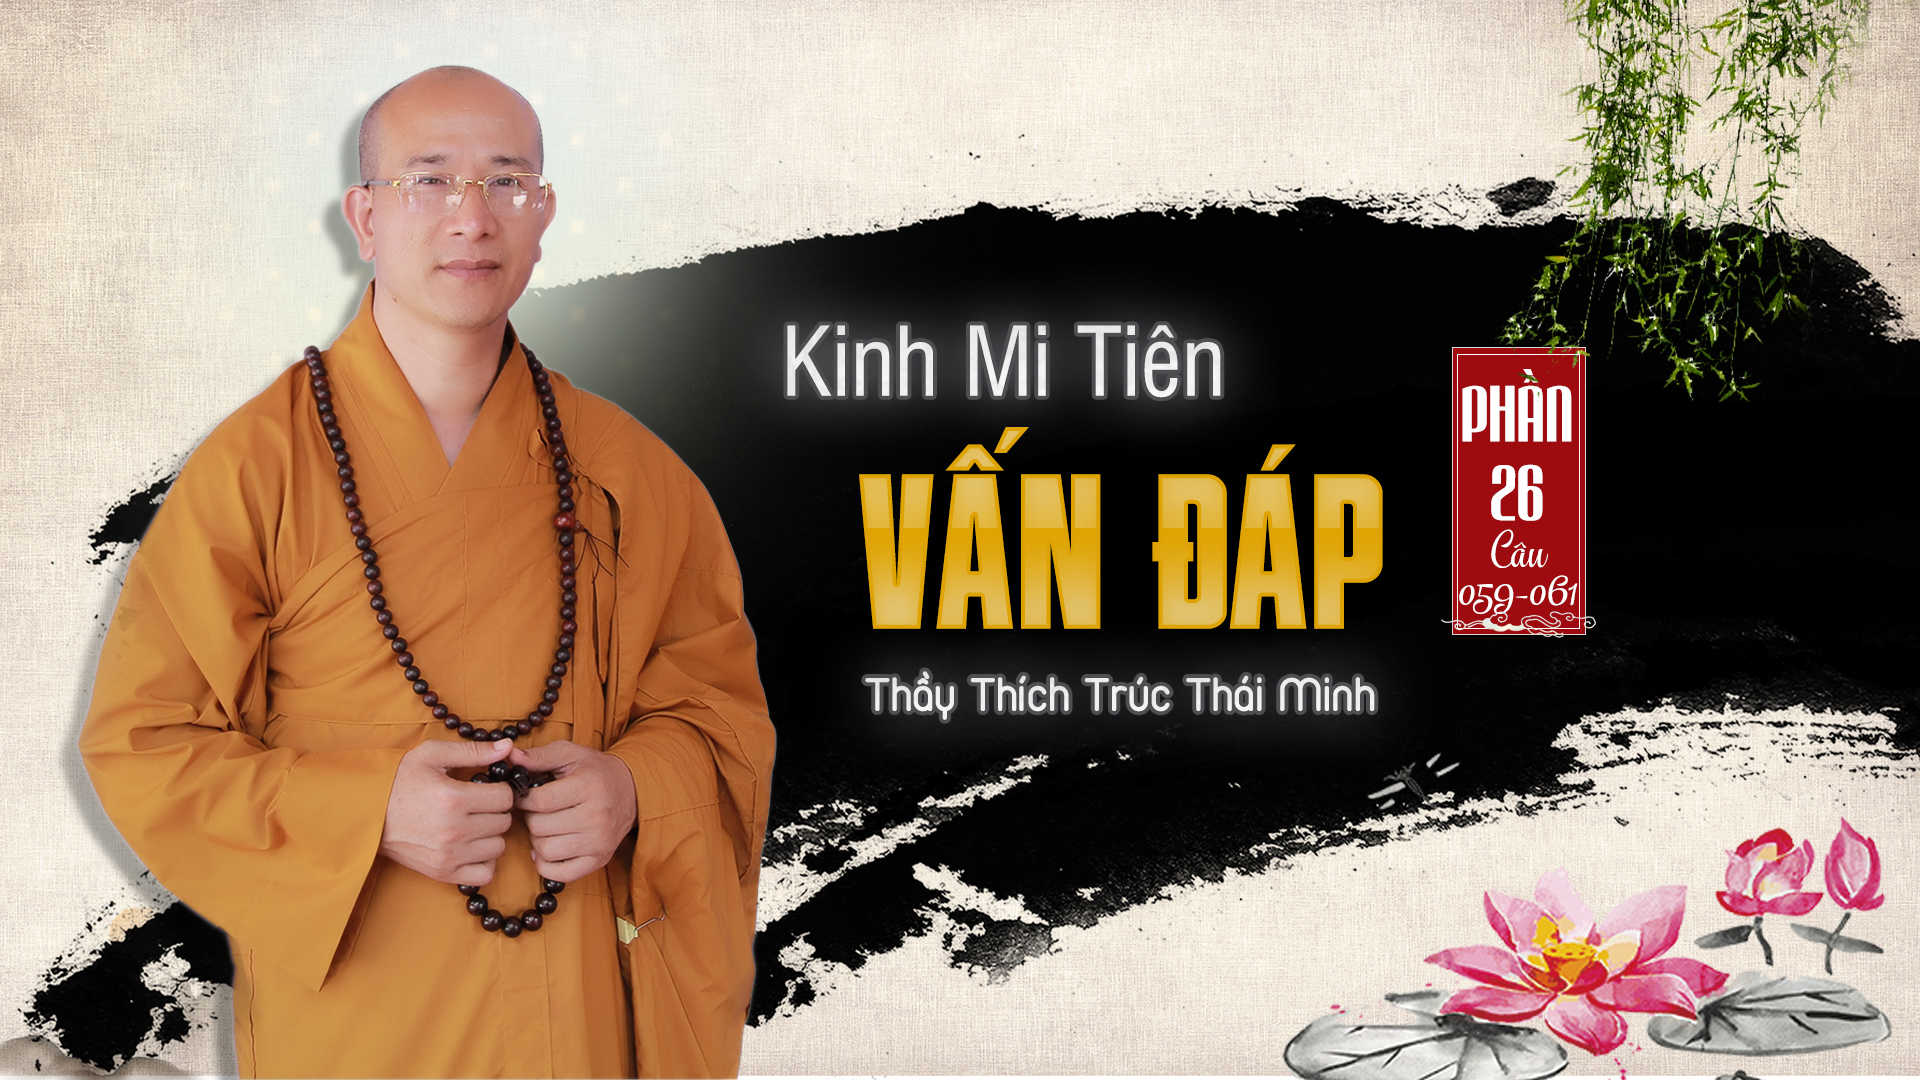 Kinh mi tiên vấn đáp phần 26 Thầy Thích Trúc Thái Minh chùa Ba Vàng.